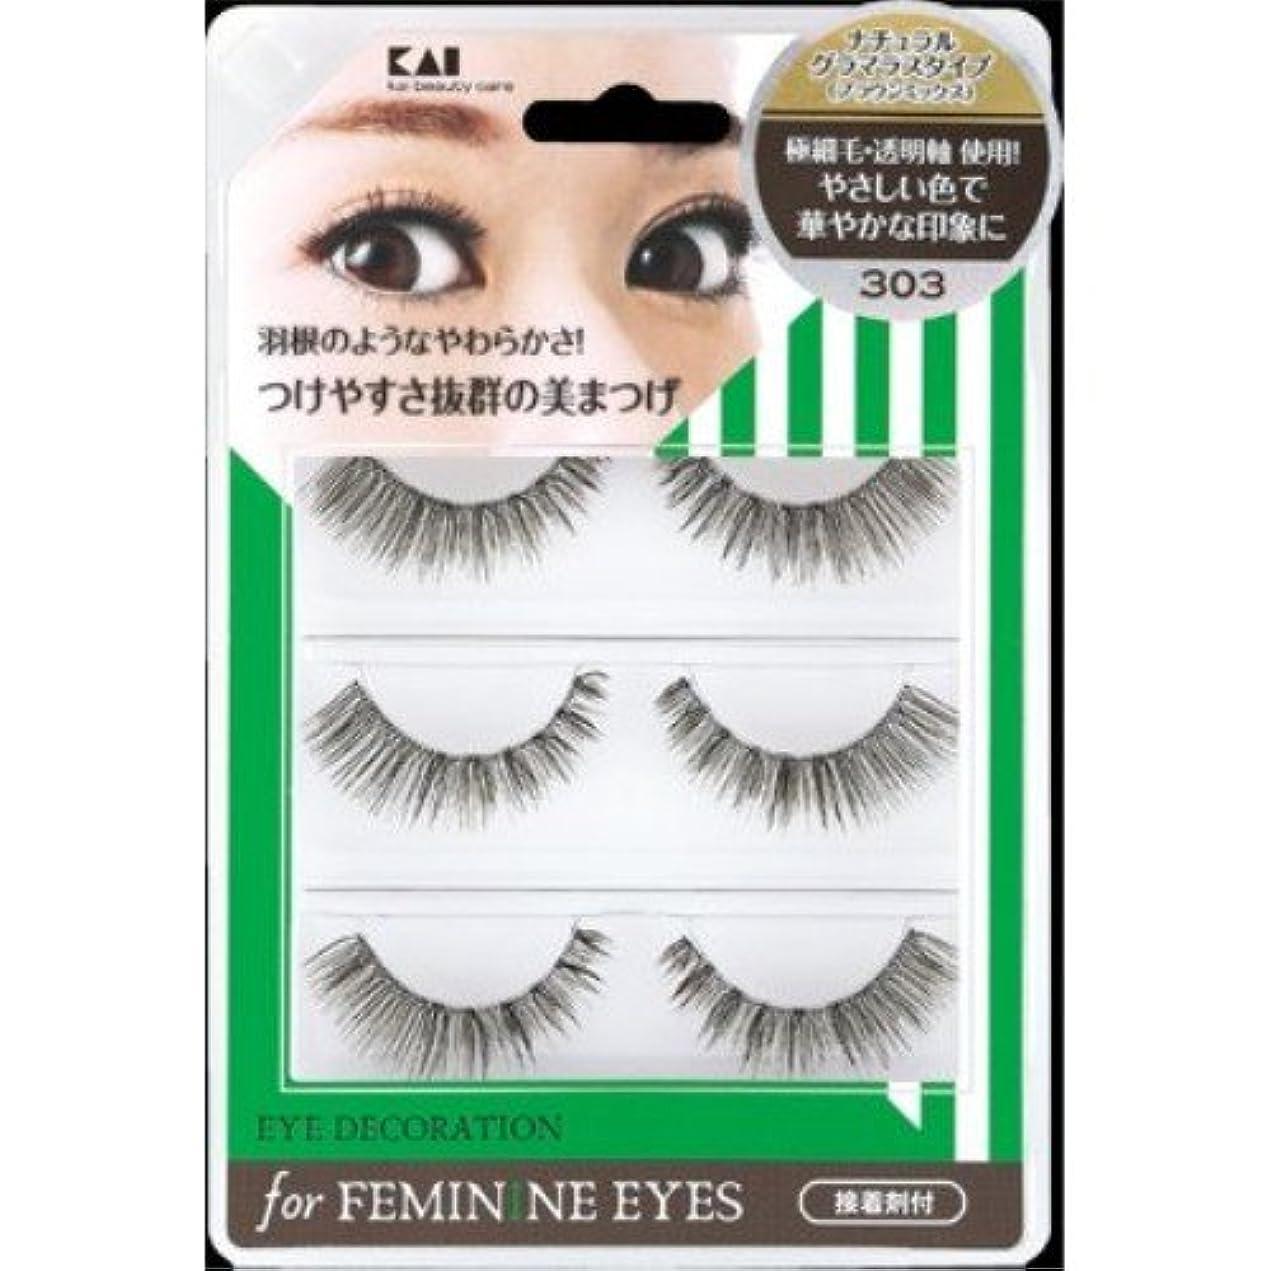 定期的挑発する大きなスケールで見ると貝印 アイデコレーション for feminine eyes 303 HC1563